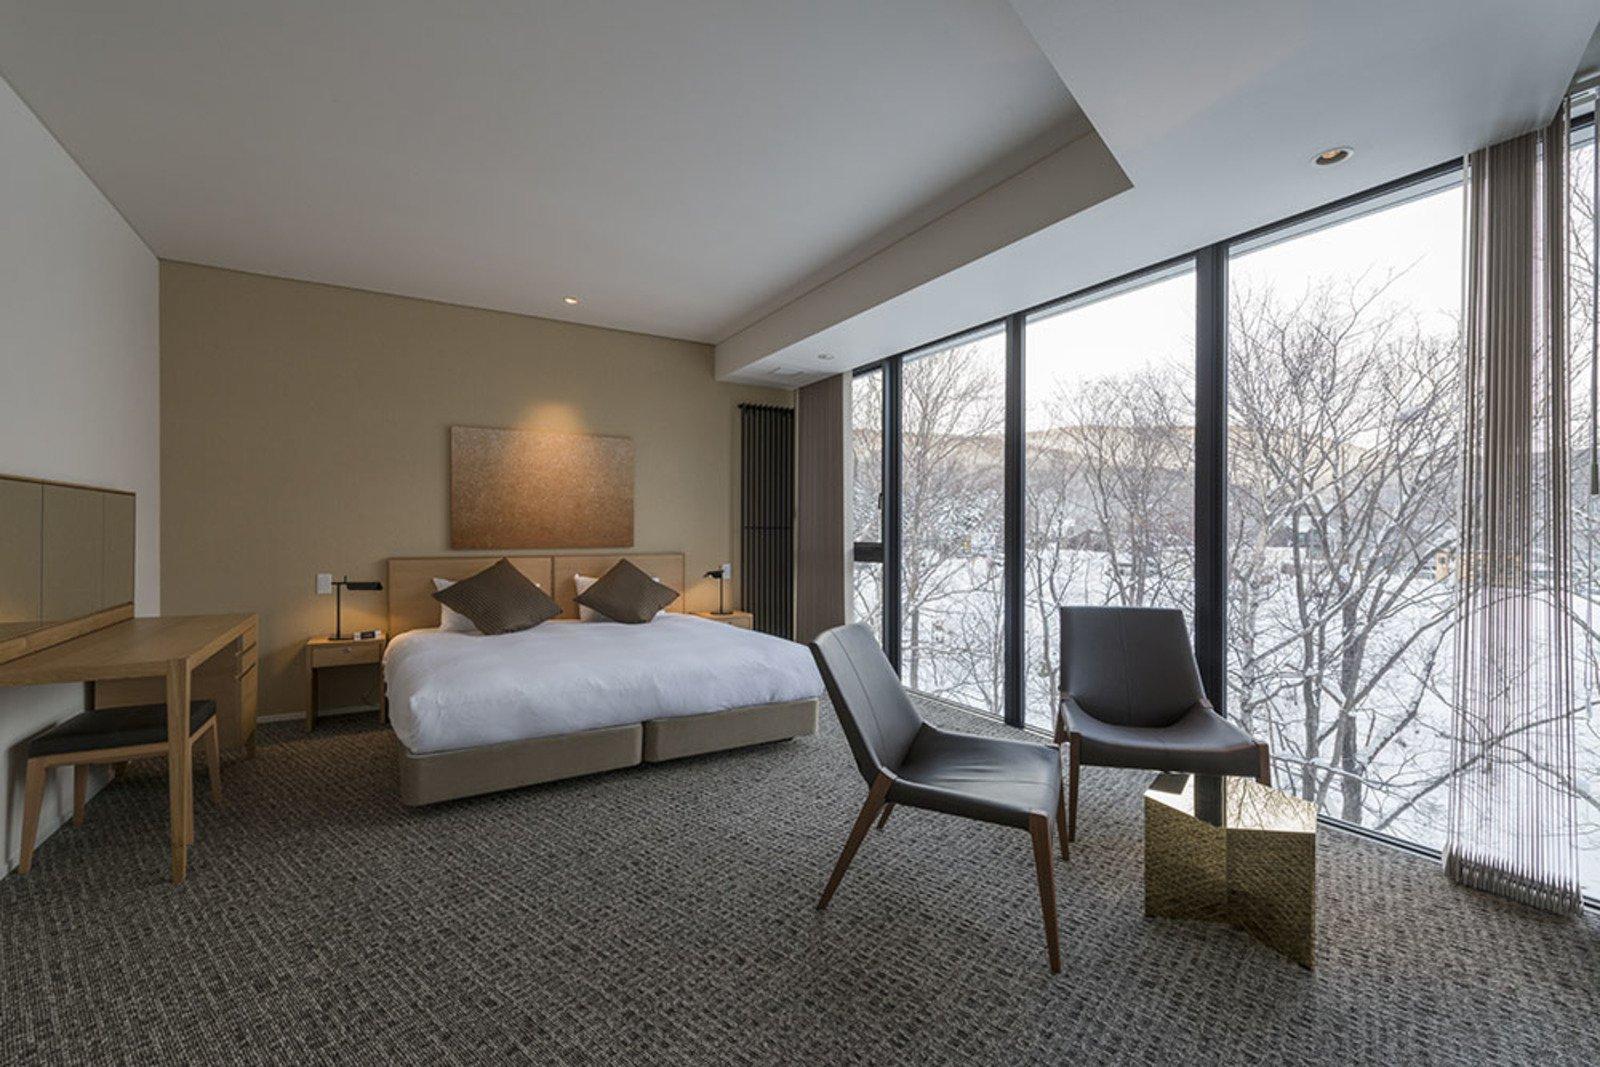 Kozue penthouse large